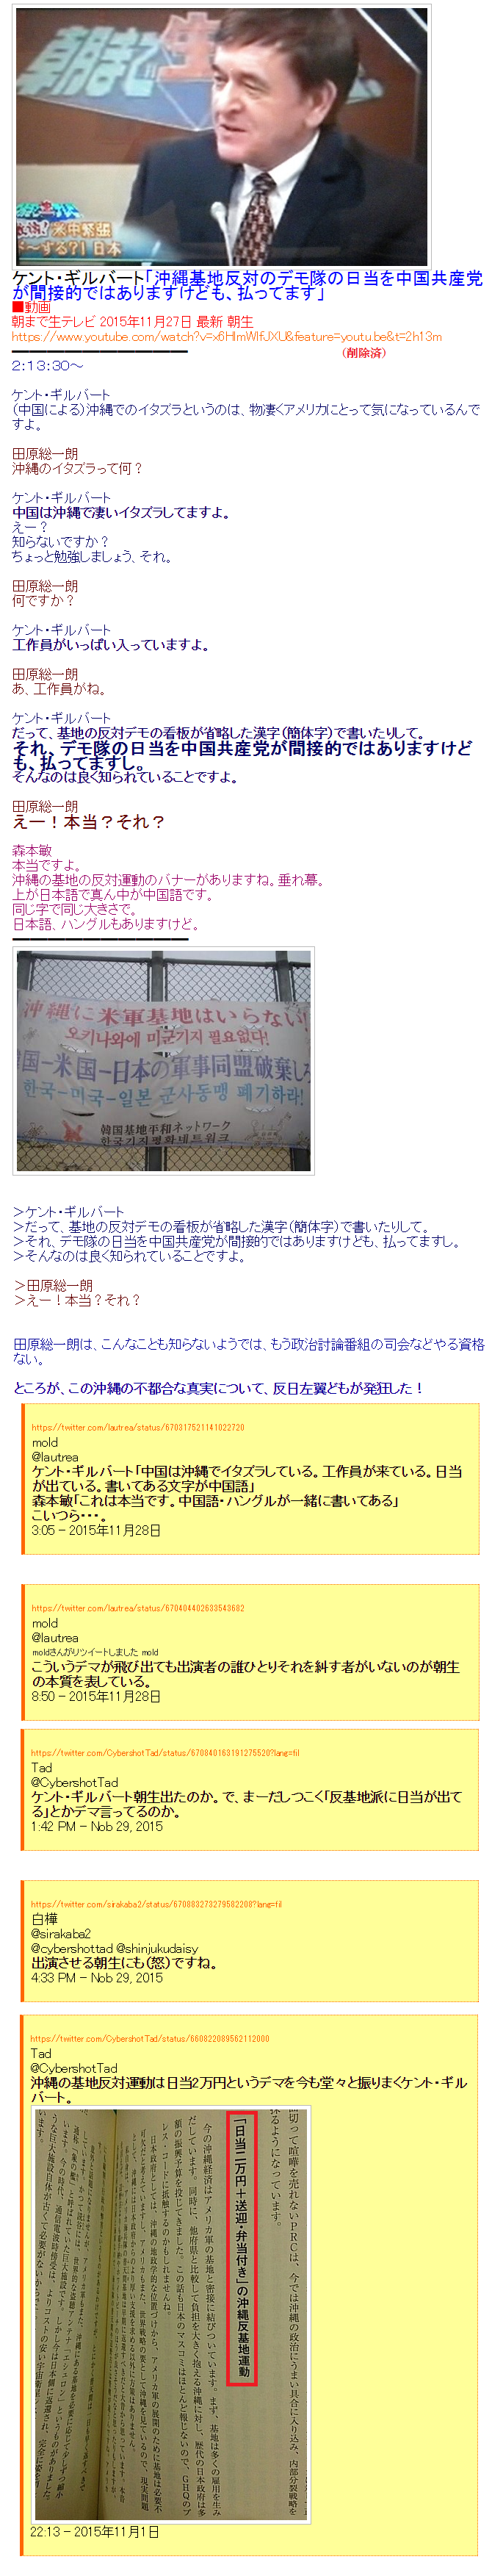 沖縄基地反対派の日当はシナ共が払っている